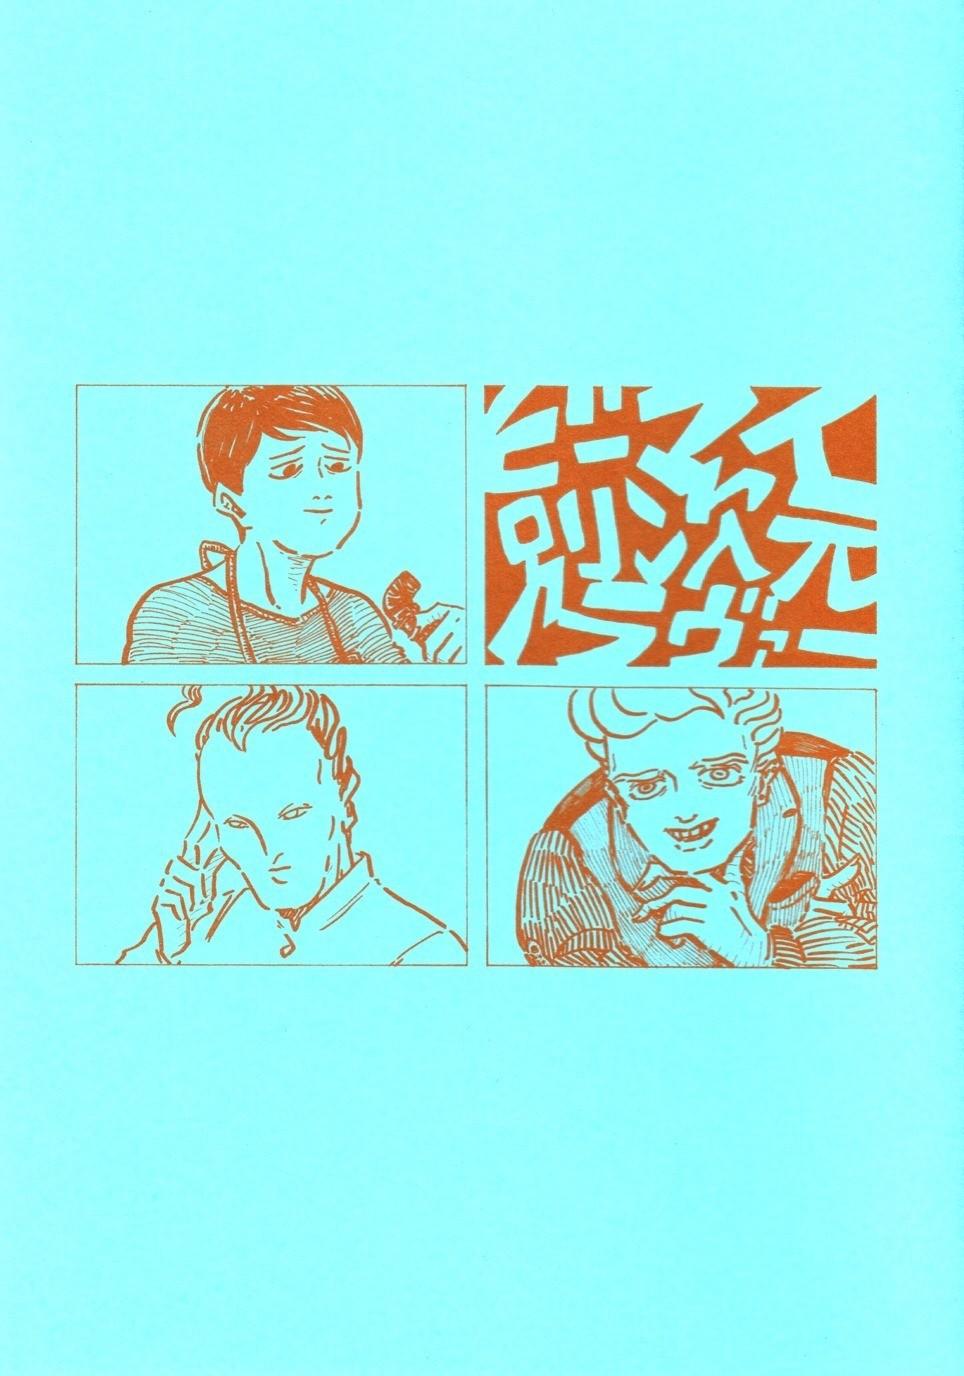 2017/02/12発行の4コマ漫画です。